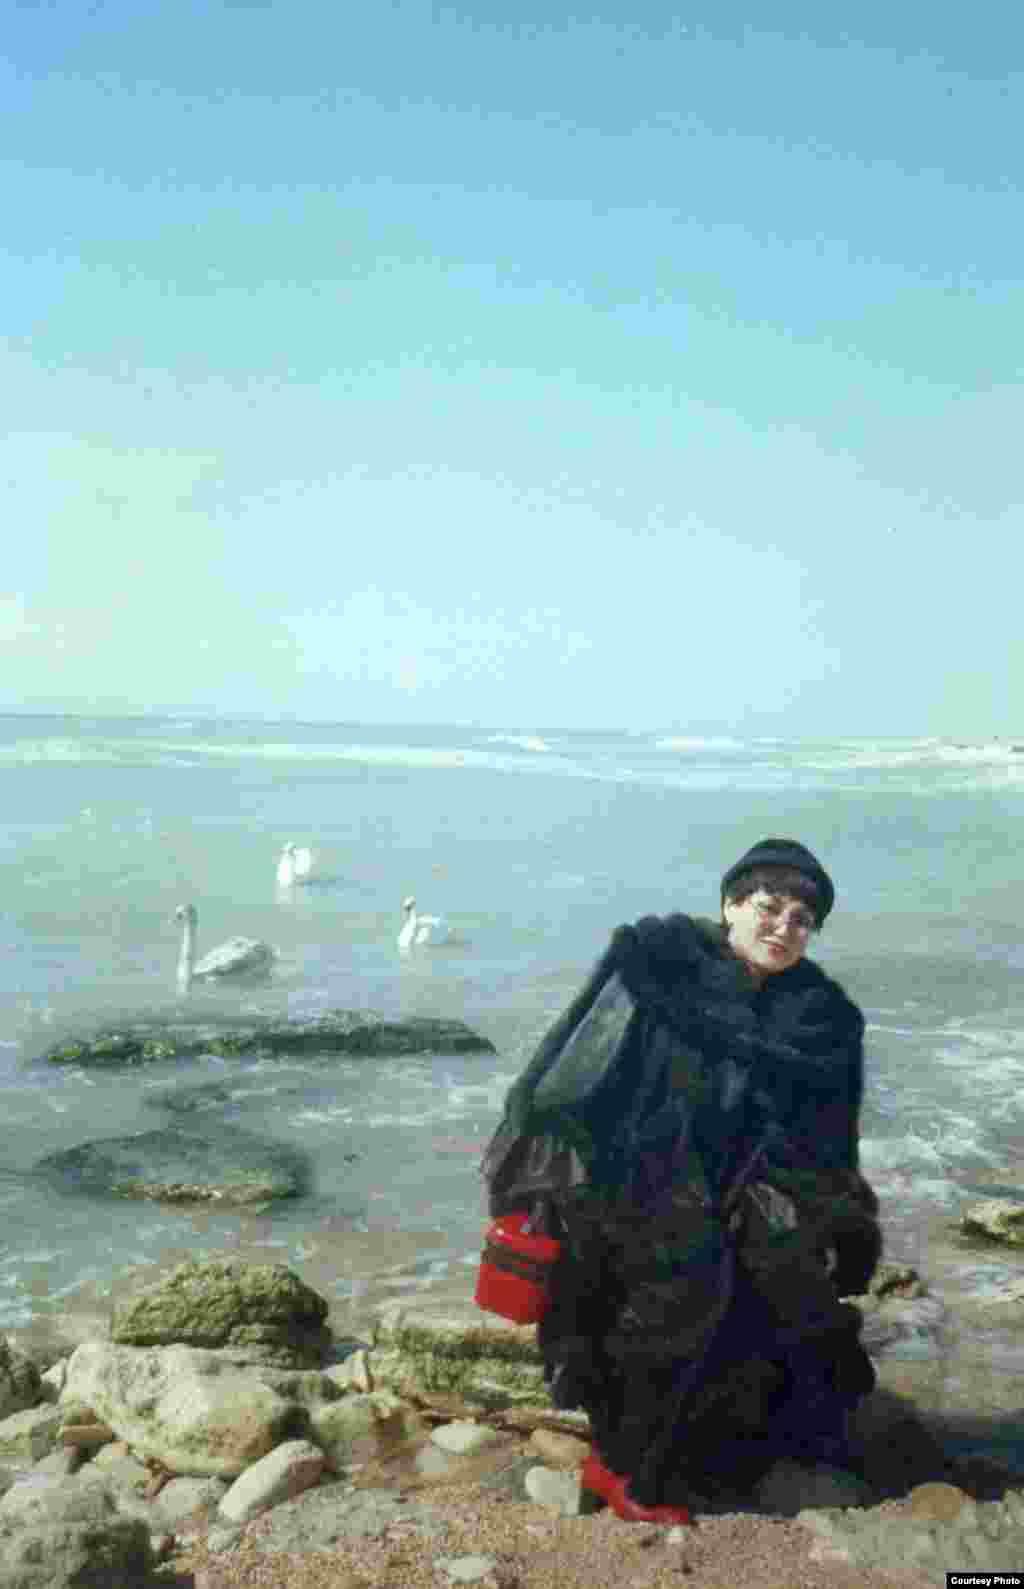 Ақтау айдынындағы аққулар. - Каспий теңізінің жағасындағы Ақтау қаласындағы гастролдік сапар кезінде. 1997 жыл.